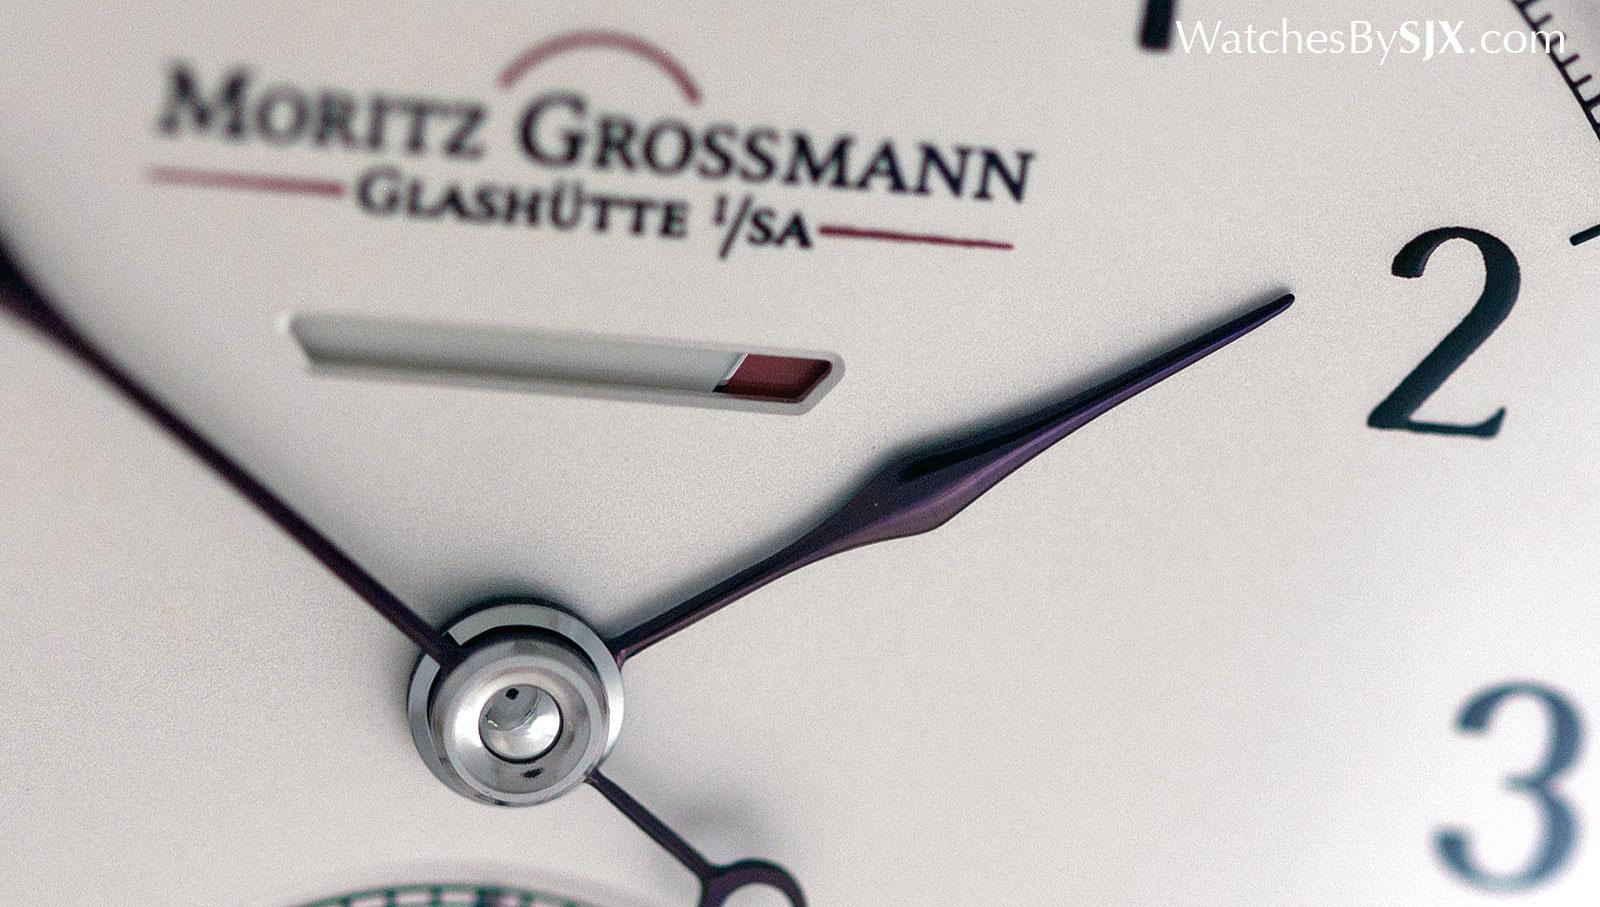 Moritz Grossmann Benu Power Reserve 11